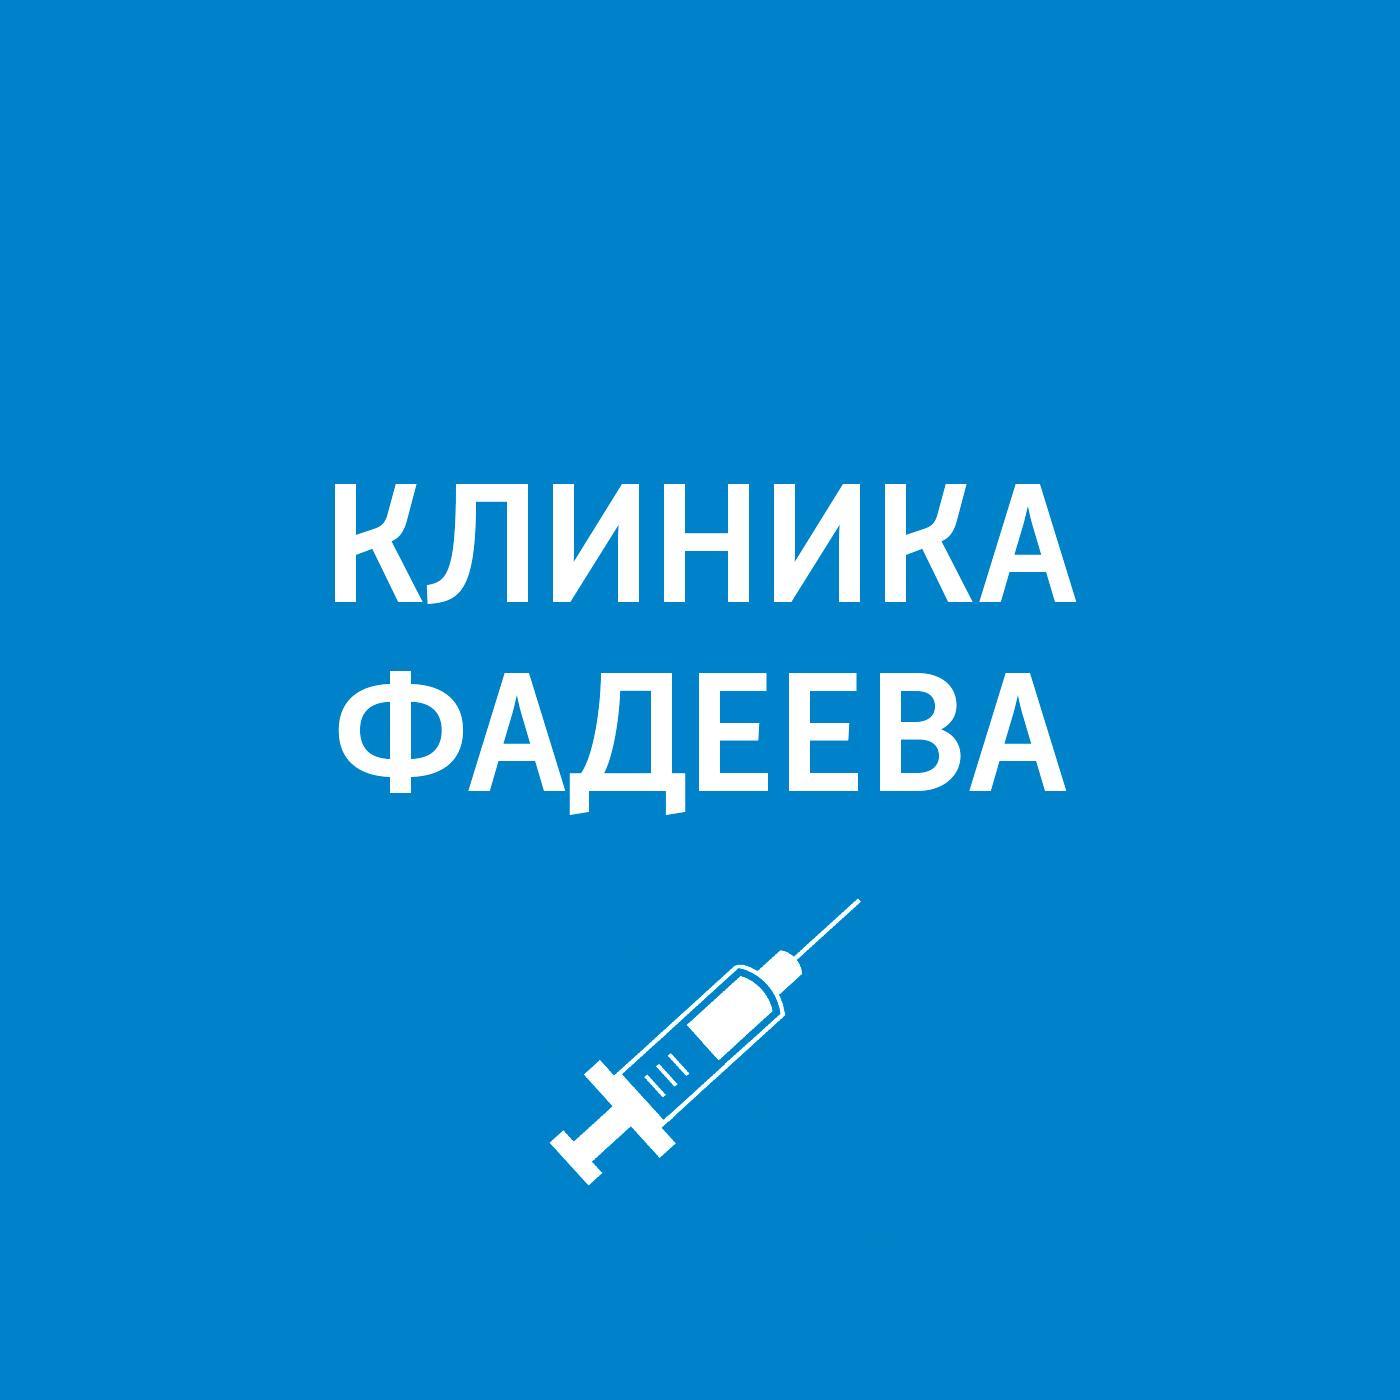 Фото - Пётр Фадеев Прием ведет врач неотложной помощи. Когда нельзя отказываться от госпитализации пётр фадеев врач неотложной помощи